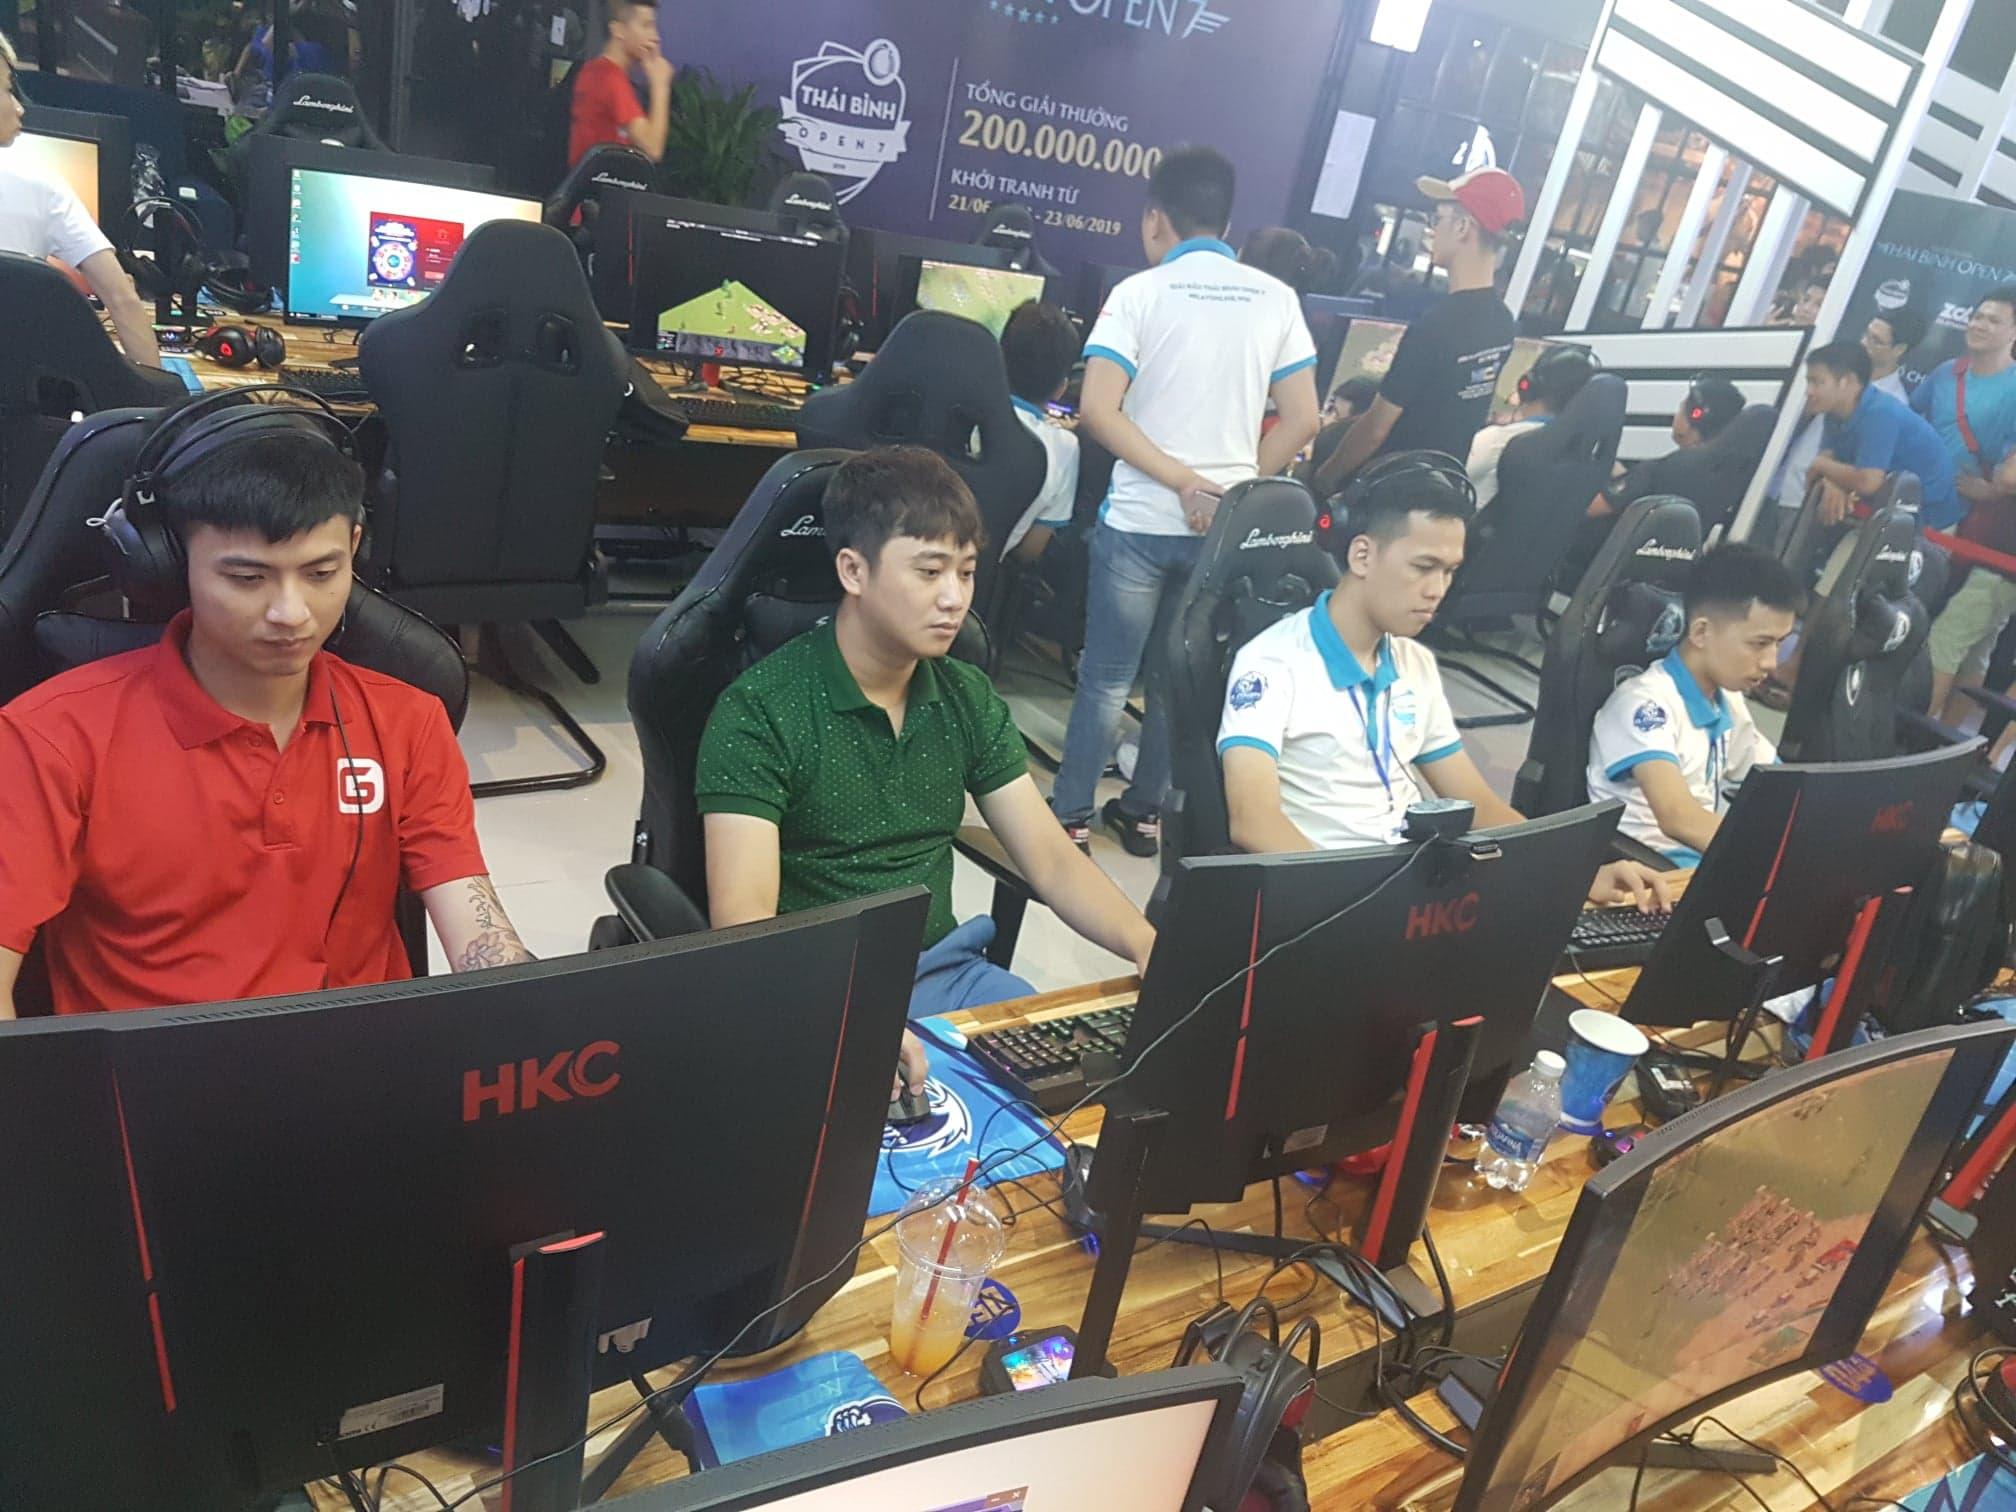 [AoE] AoE Esport Day ngày thi đấu cuối cùng: GameTV cần làm gì để có được chức vô địch?